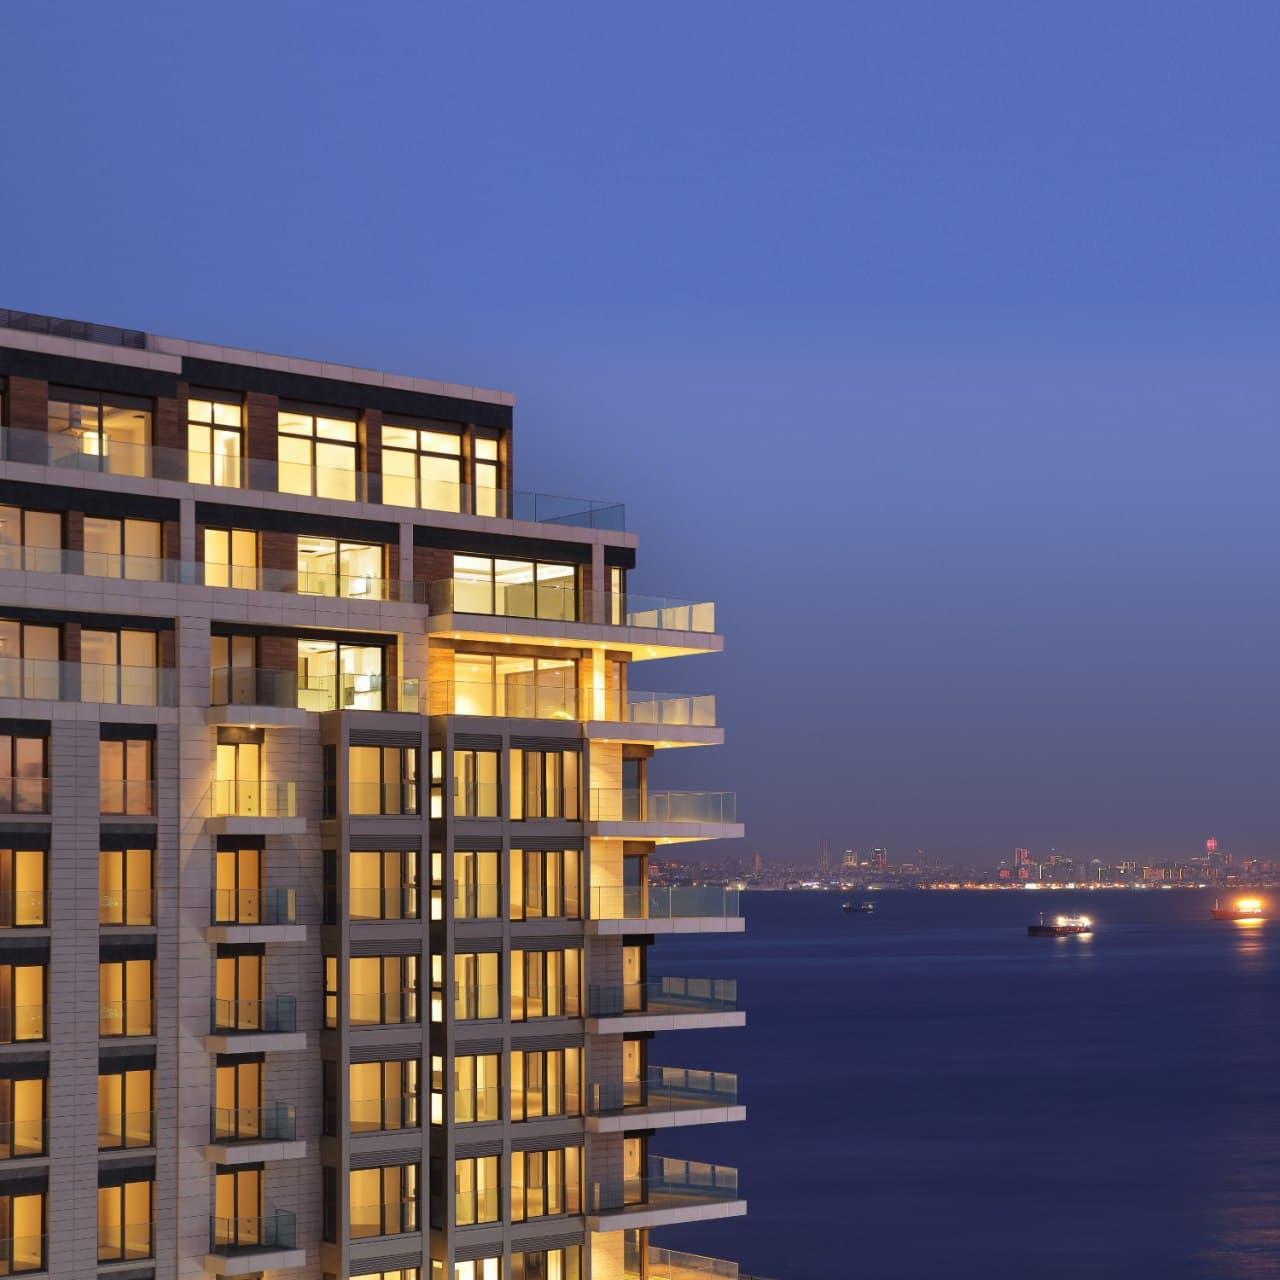 خرید آپارتمان در شهر ساحلی استانبول Zeytinburnu ترکیه